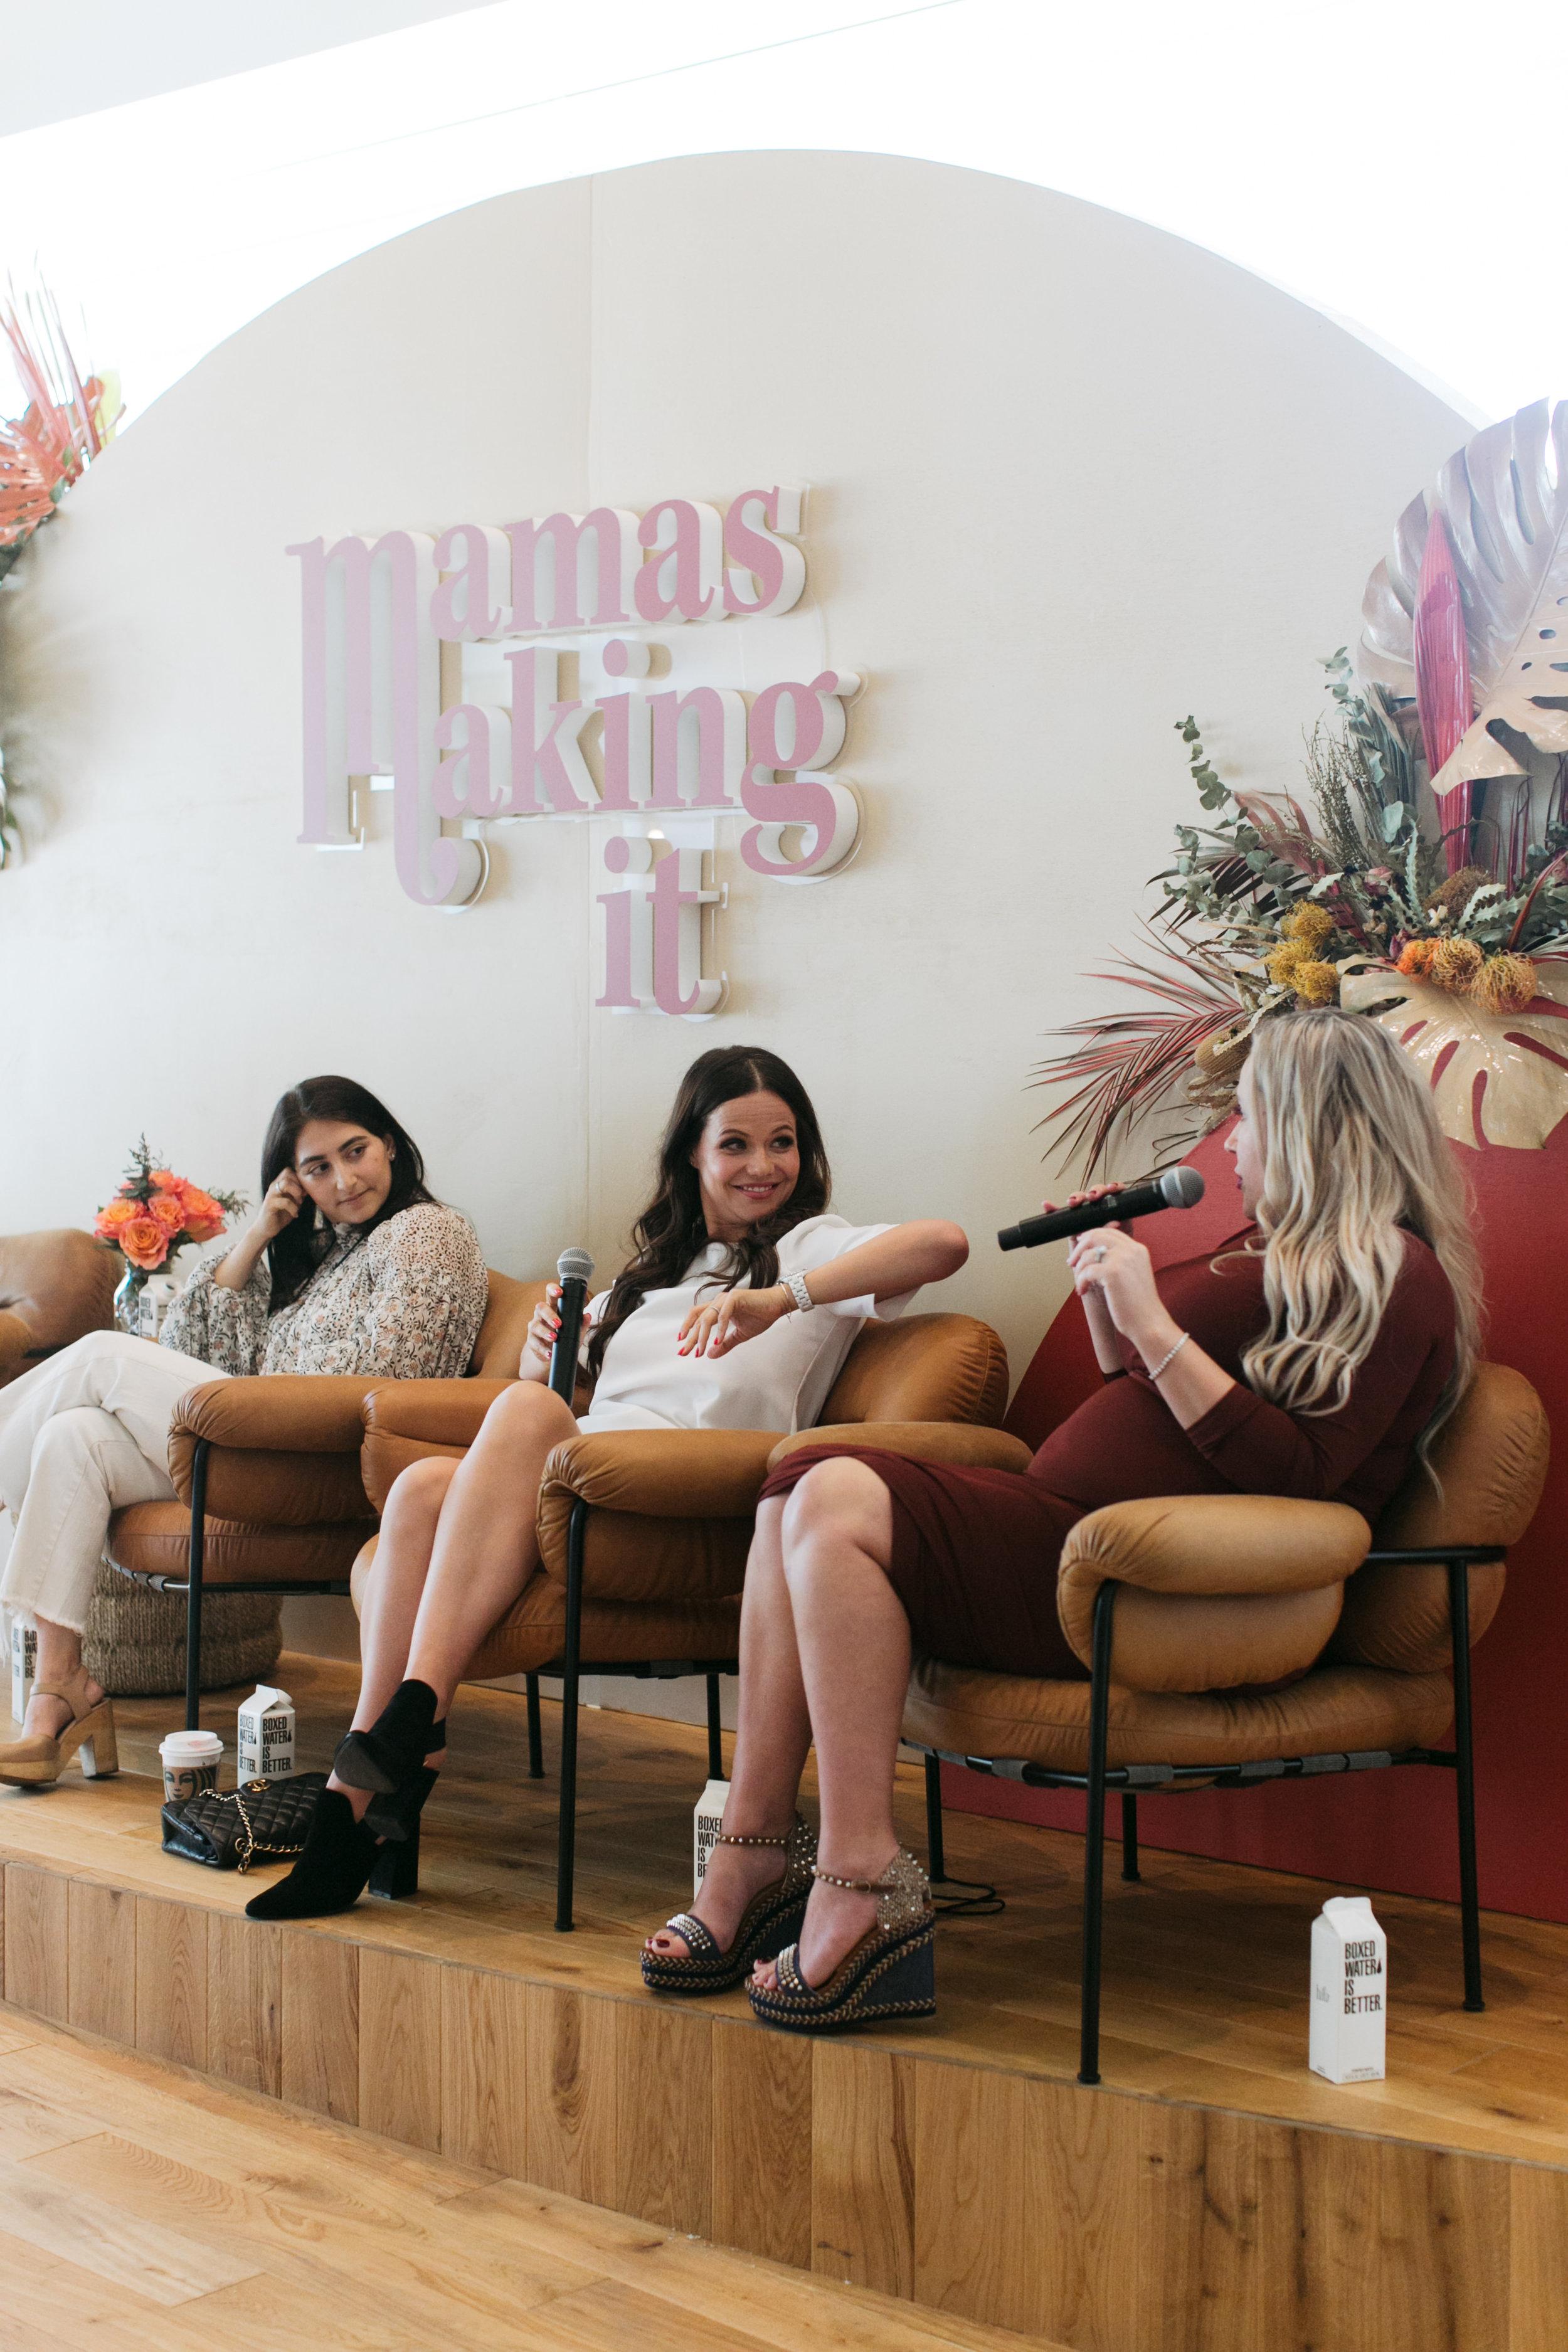 mamasmakingit-345.jpg